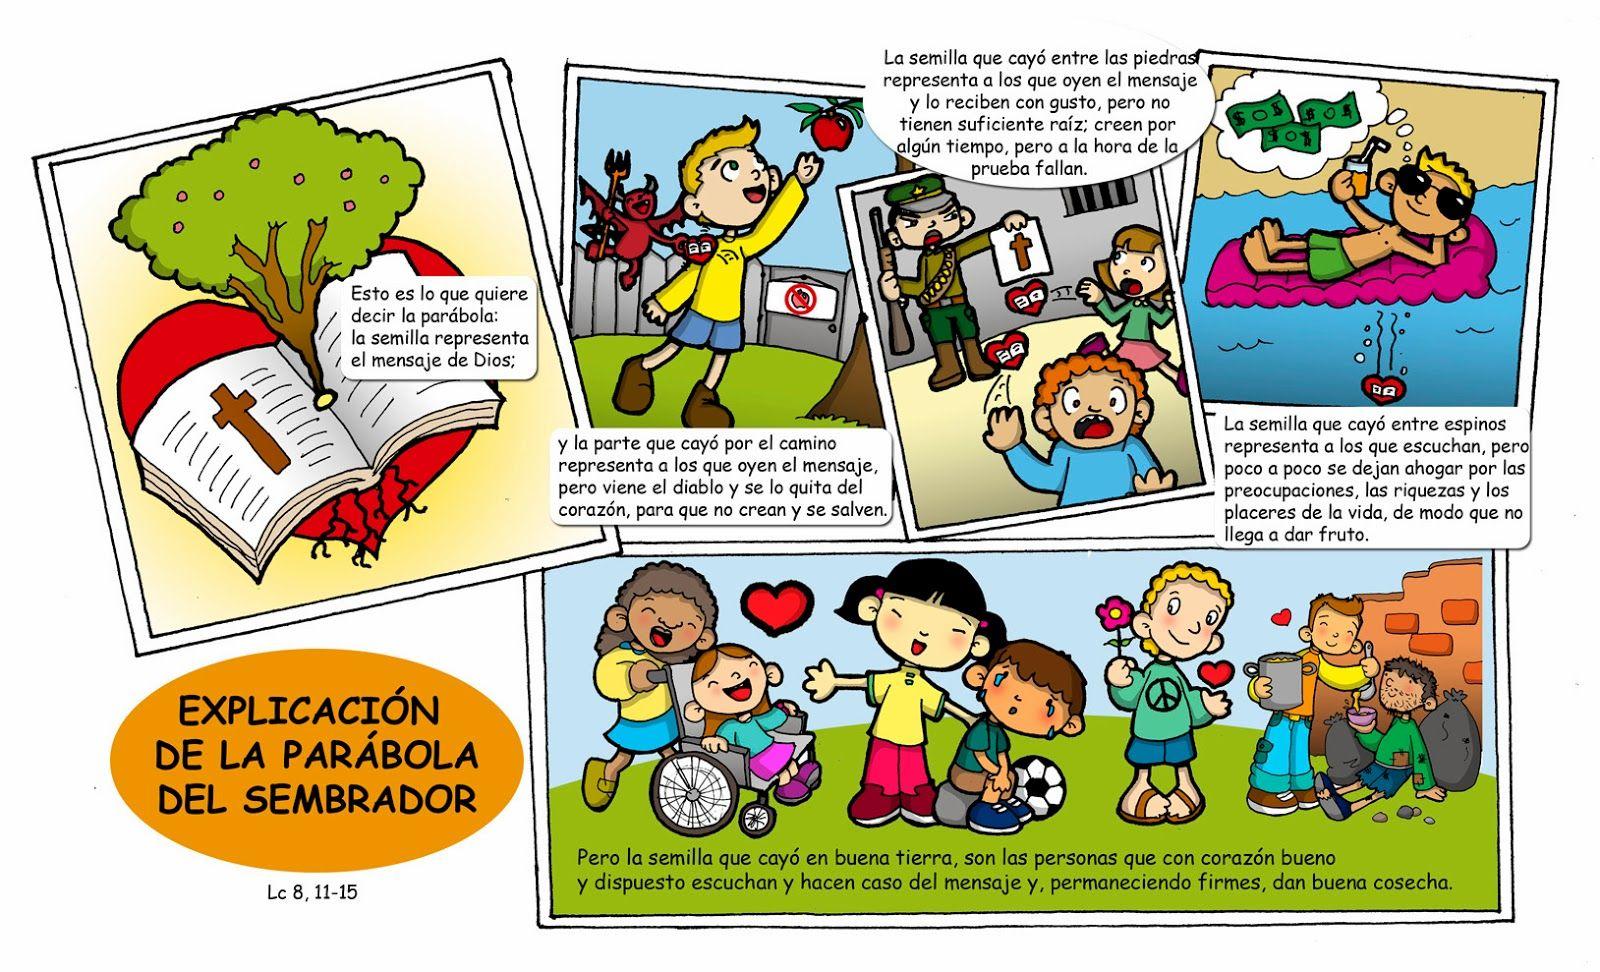 Parabola Del Sembrador Y Explicacion De La Parabola Biblia Catolica Para Ninos Parabola Del Sembrador La Tierra Para Ninos